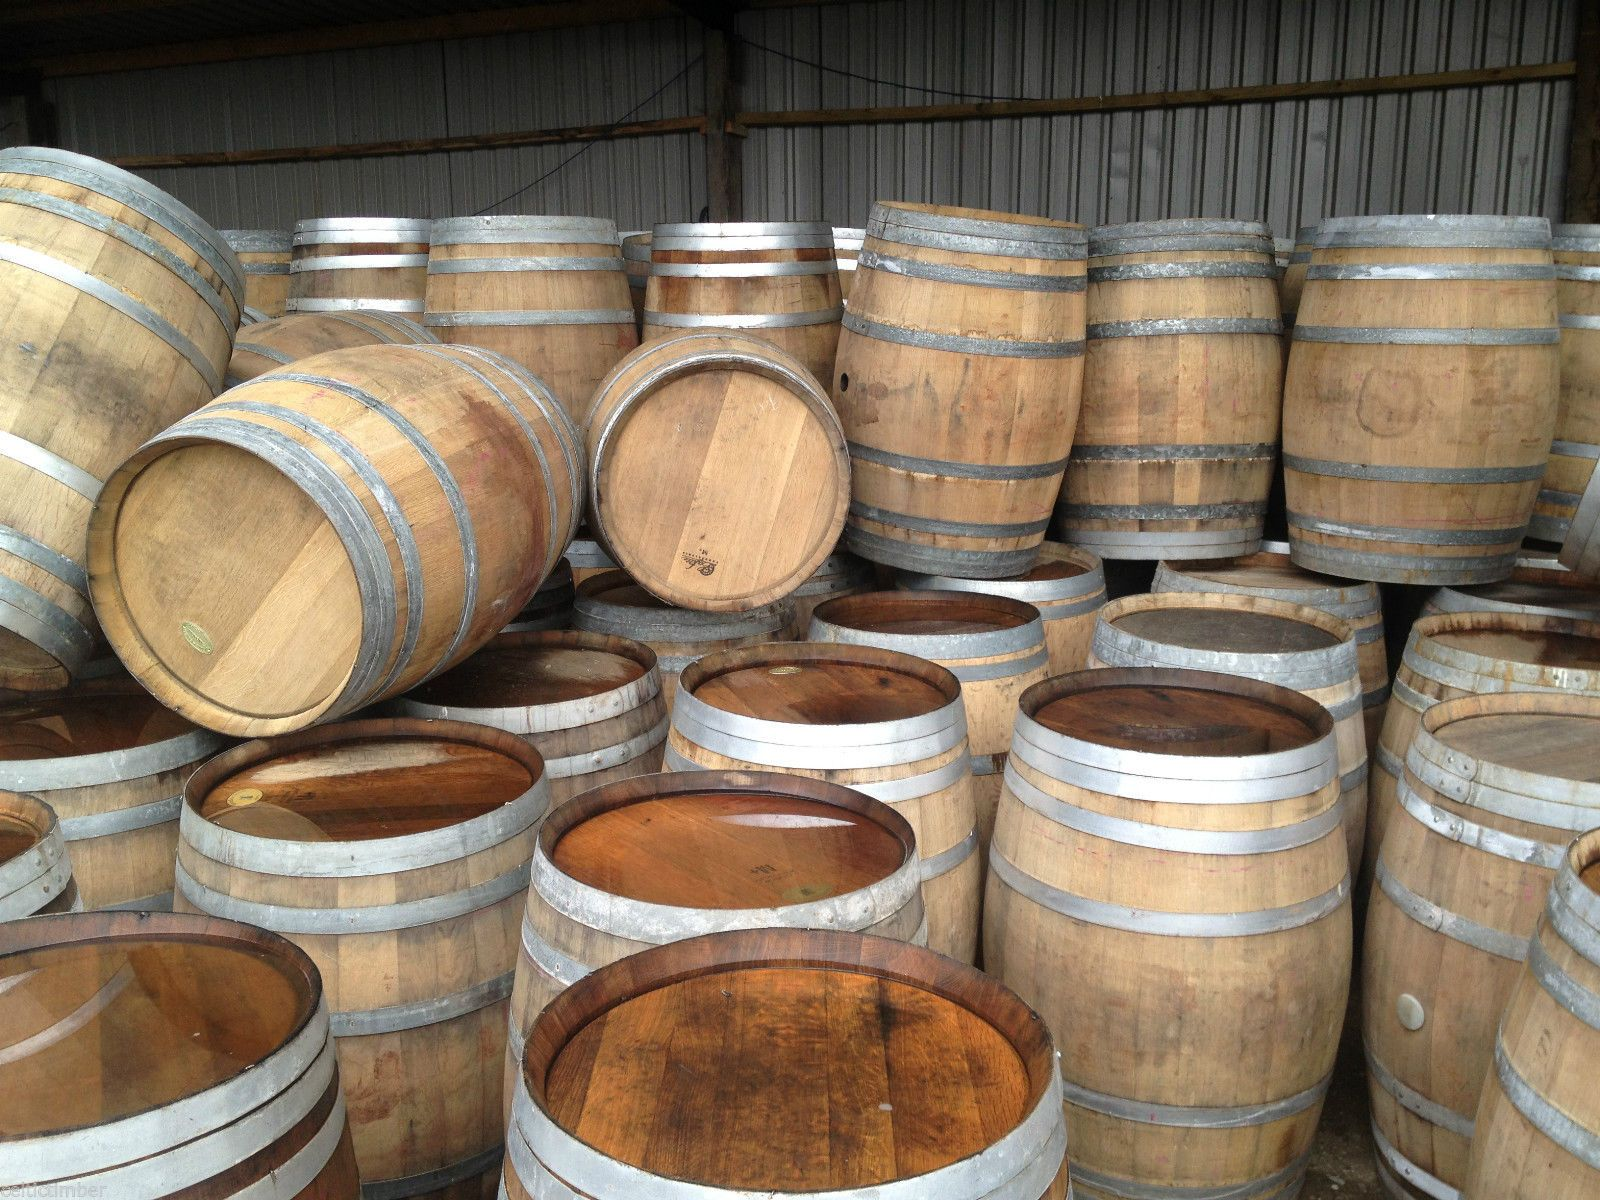 32 North Tart Saison w/ Juniper Berries San Diego brewery